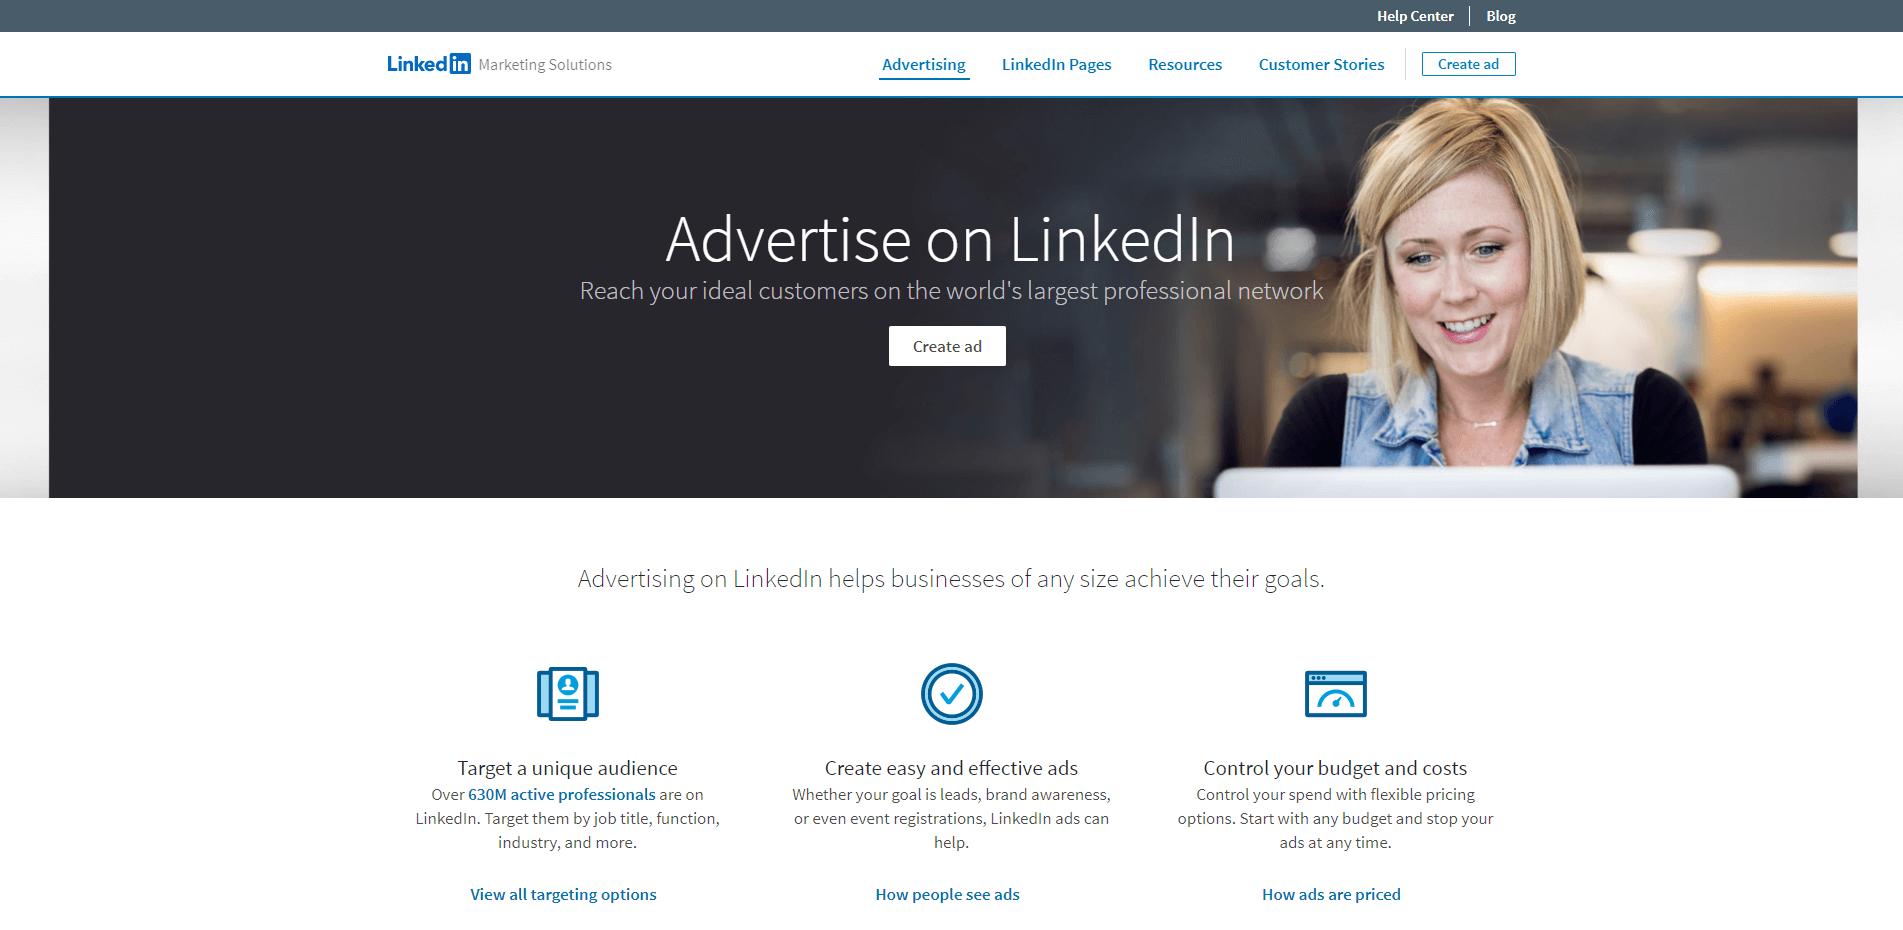 4. LinkedIn Ads